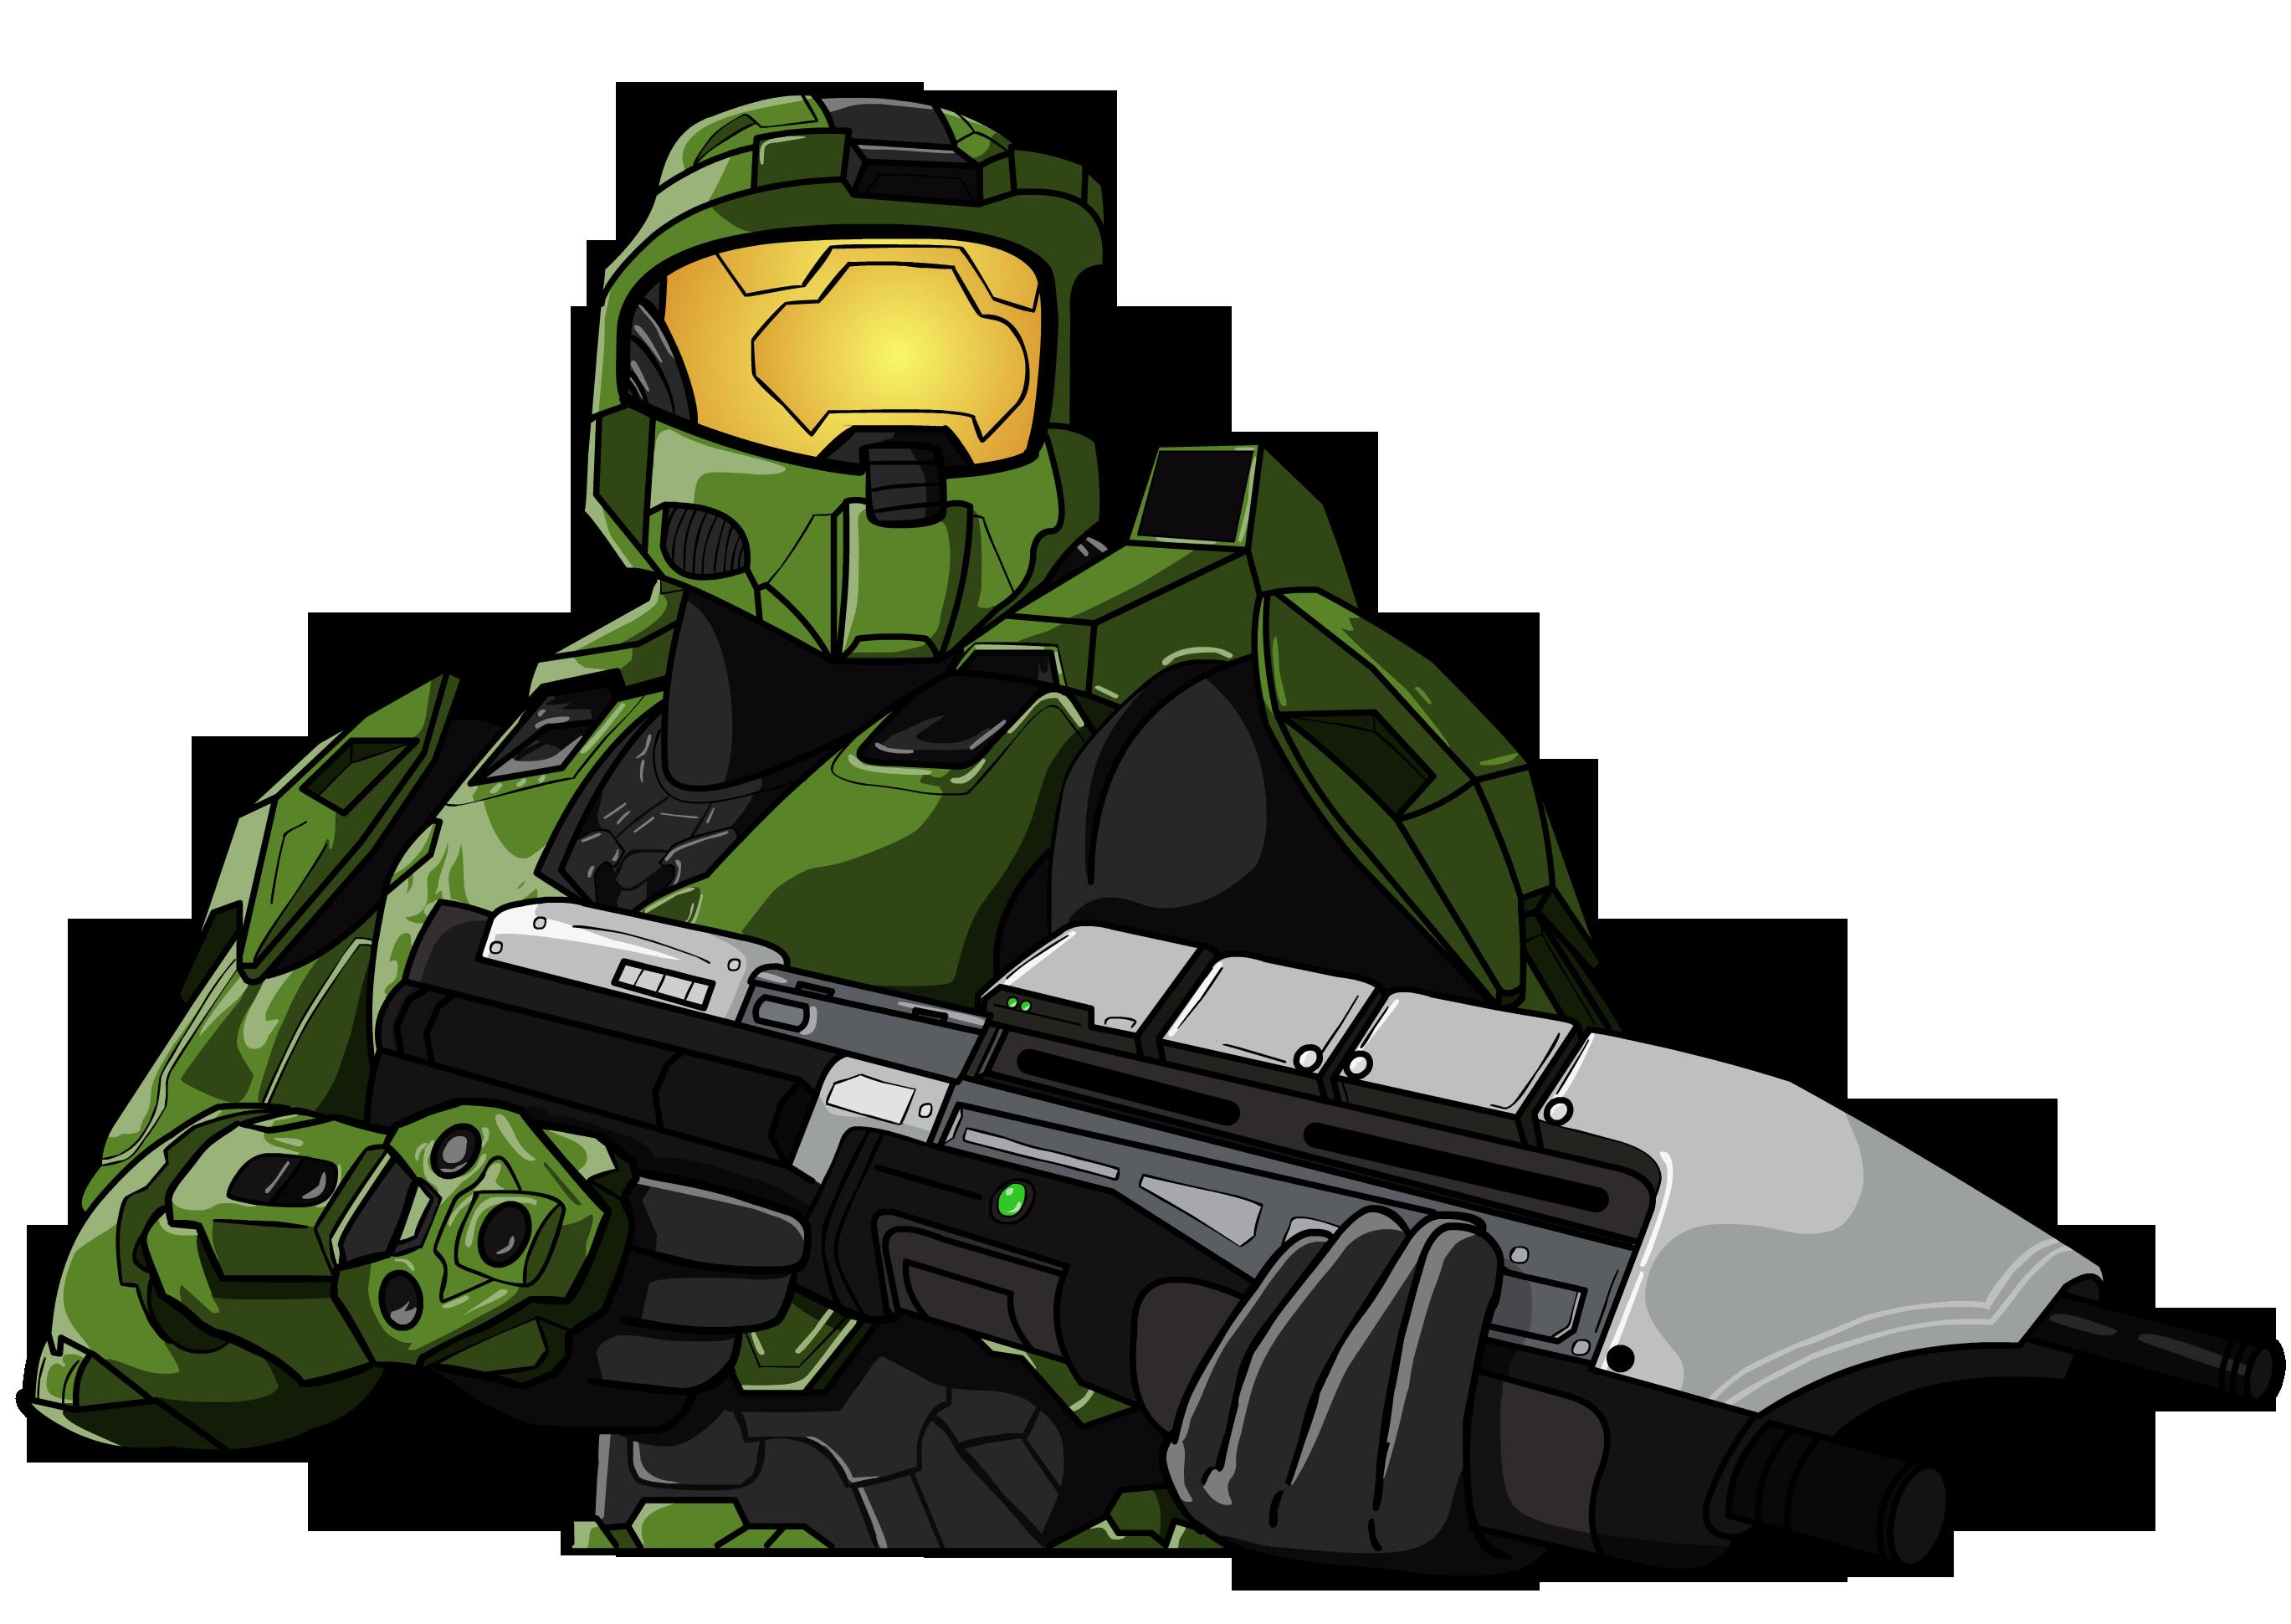 Halo Spartan/Master Chief